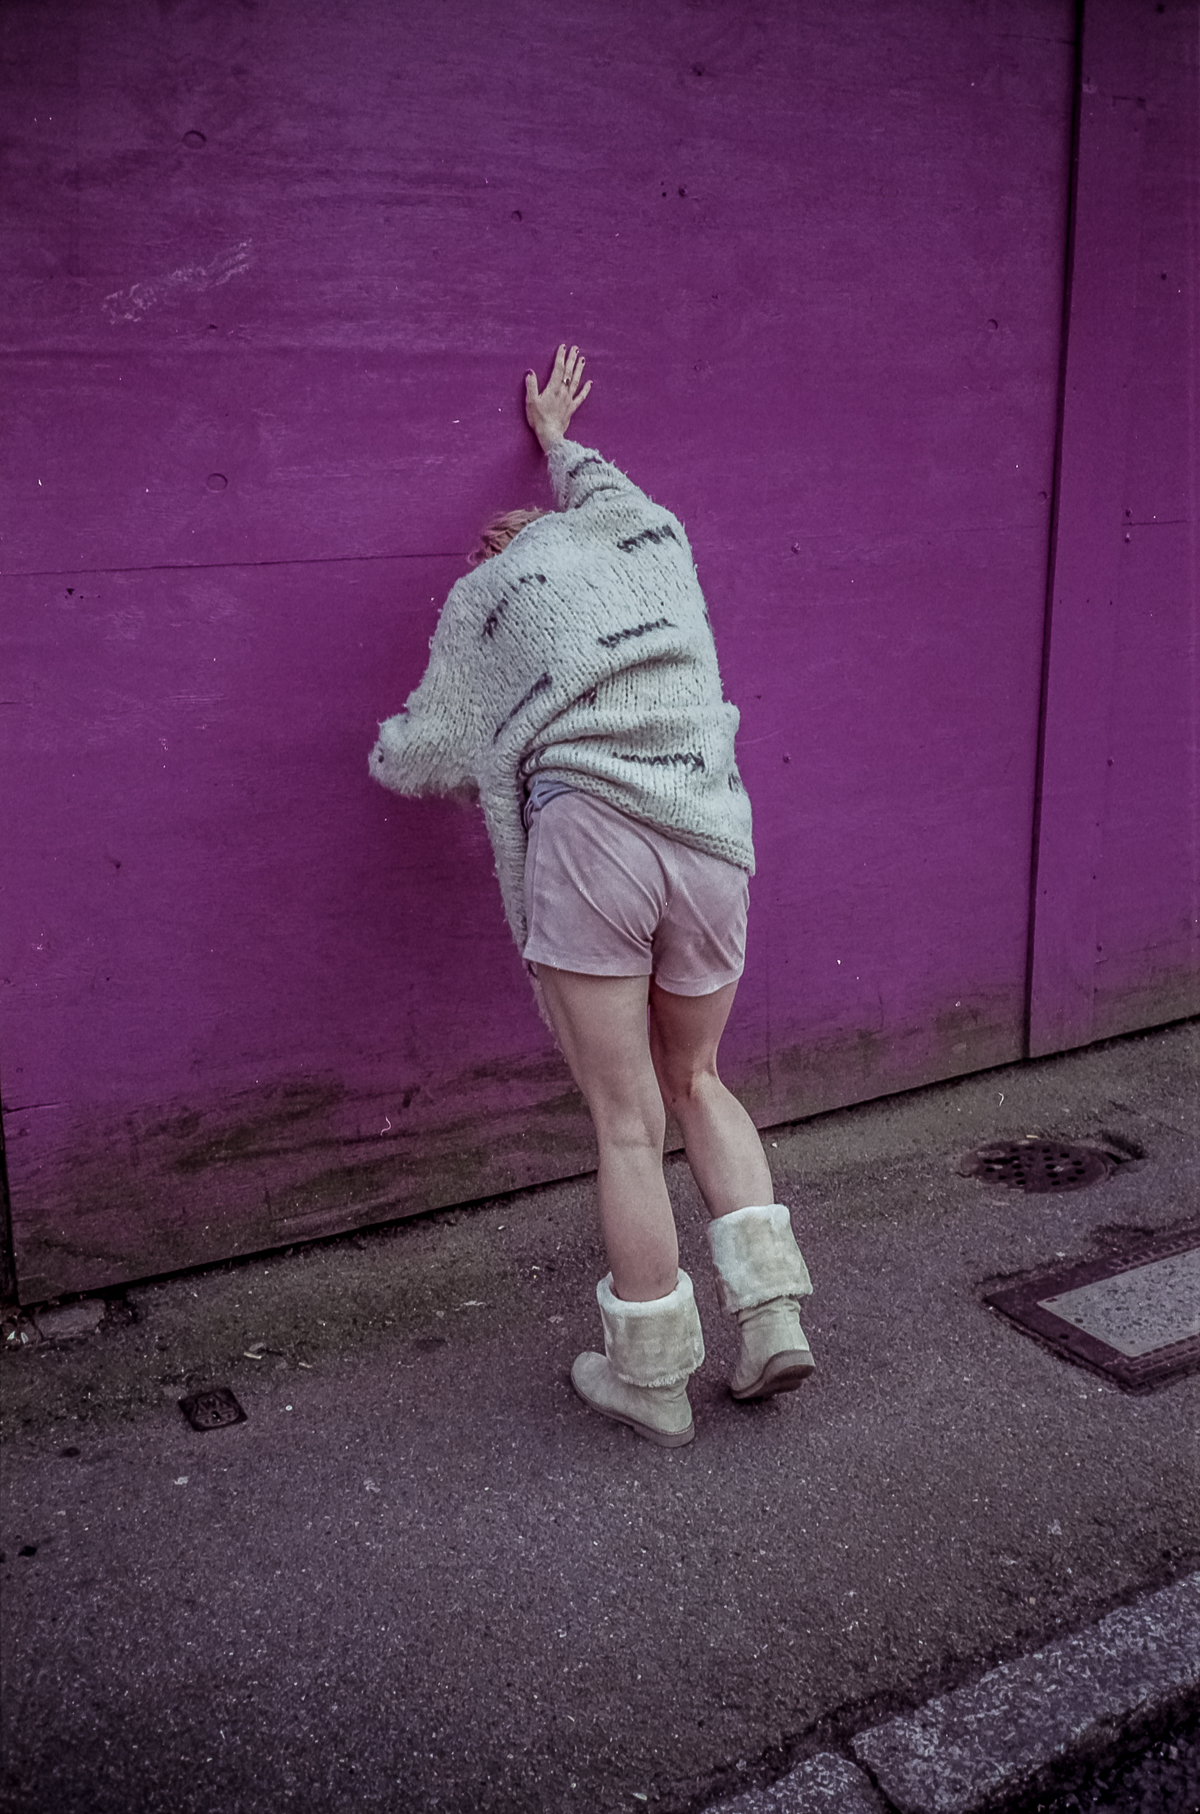 Daria - Against the wall.jpg